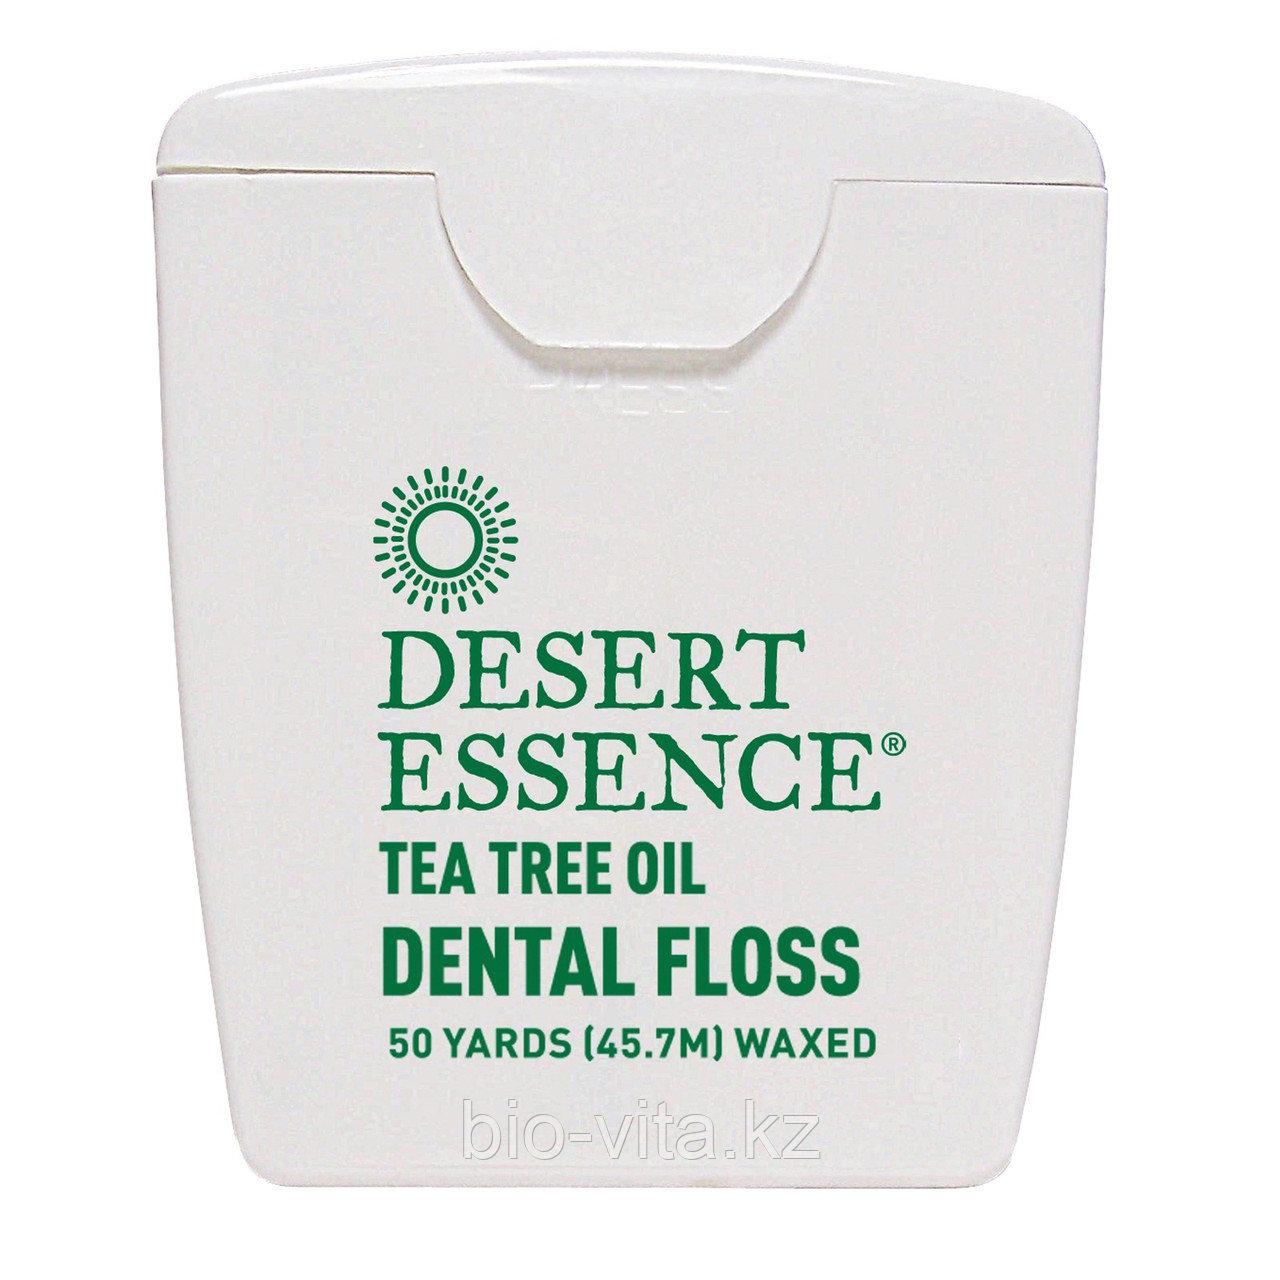 Зубная нить с маслом чайного дерева, с восковым покрытием,  (45,7 м).  Desert Essence